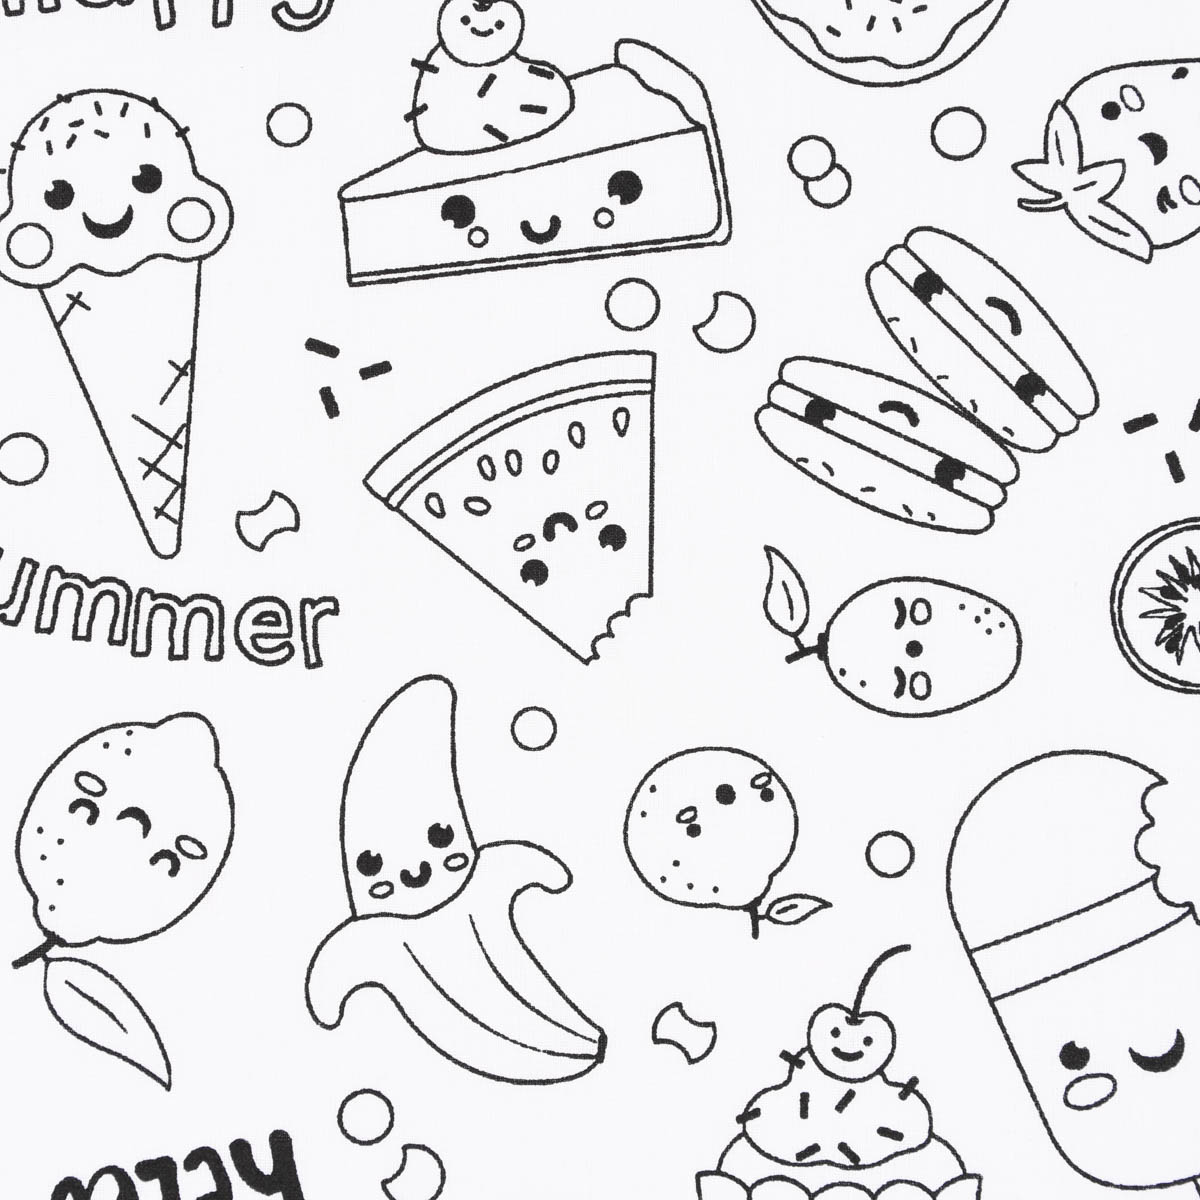 Baumwollstoff Ausmalstoff MIAM Muffin Obst Eis weiß schwarz 1,5m Breite